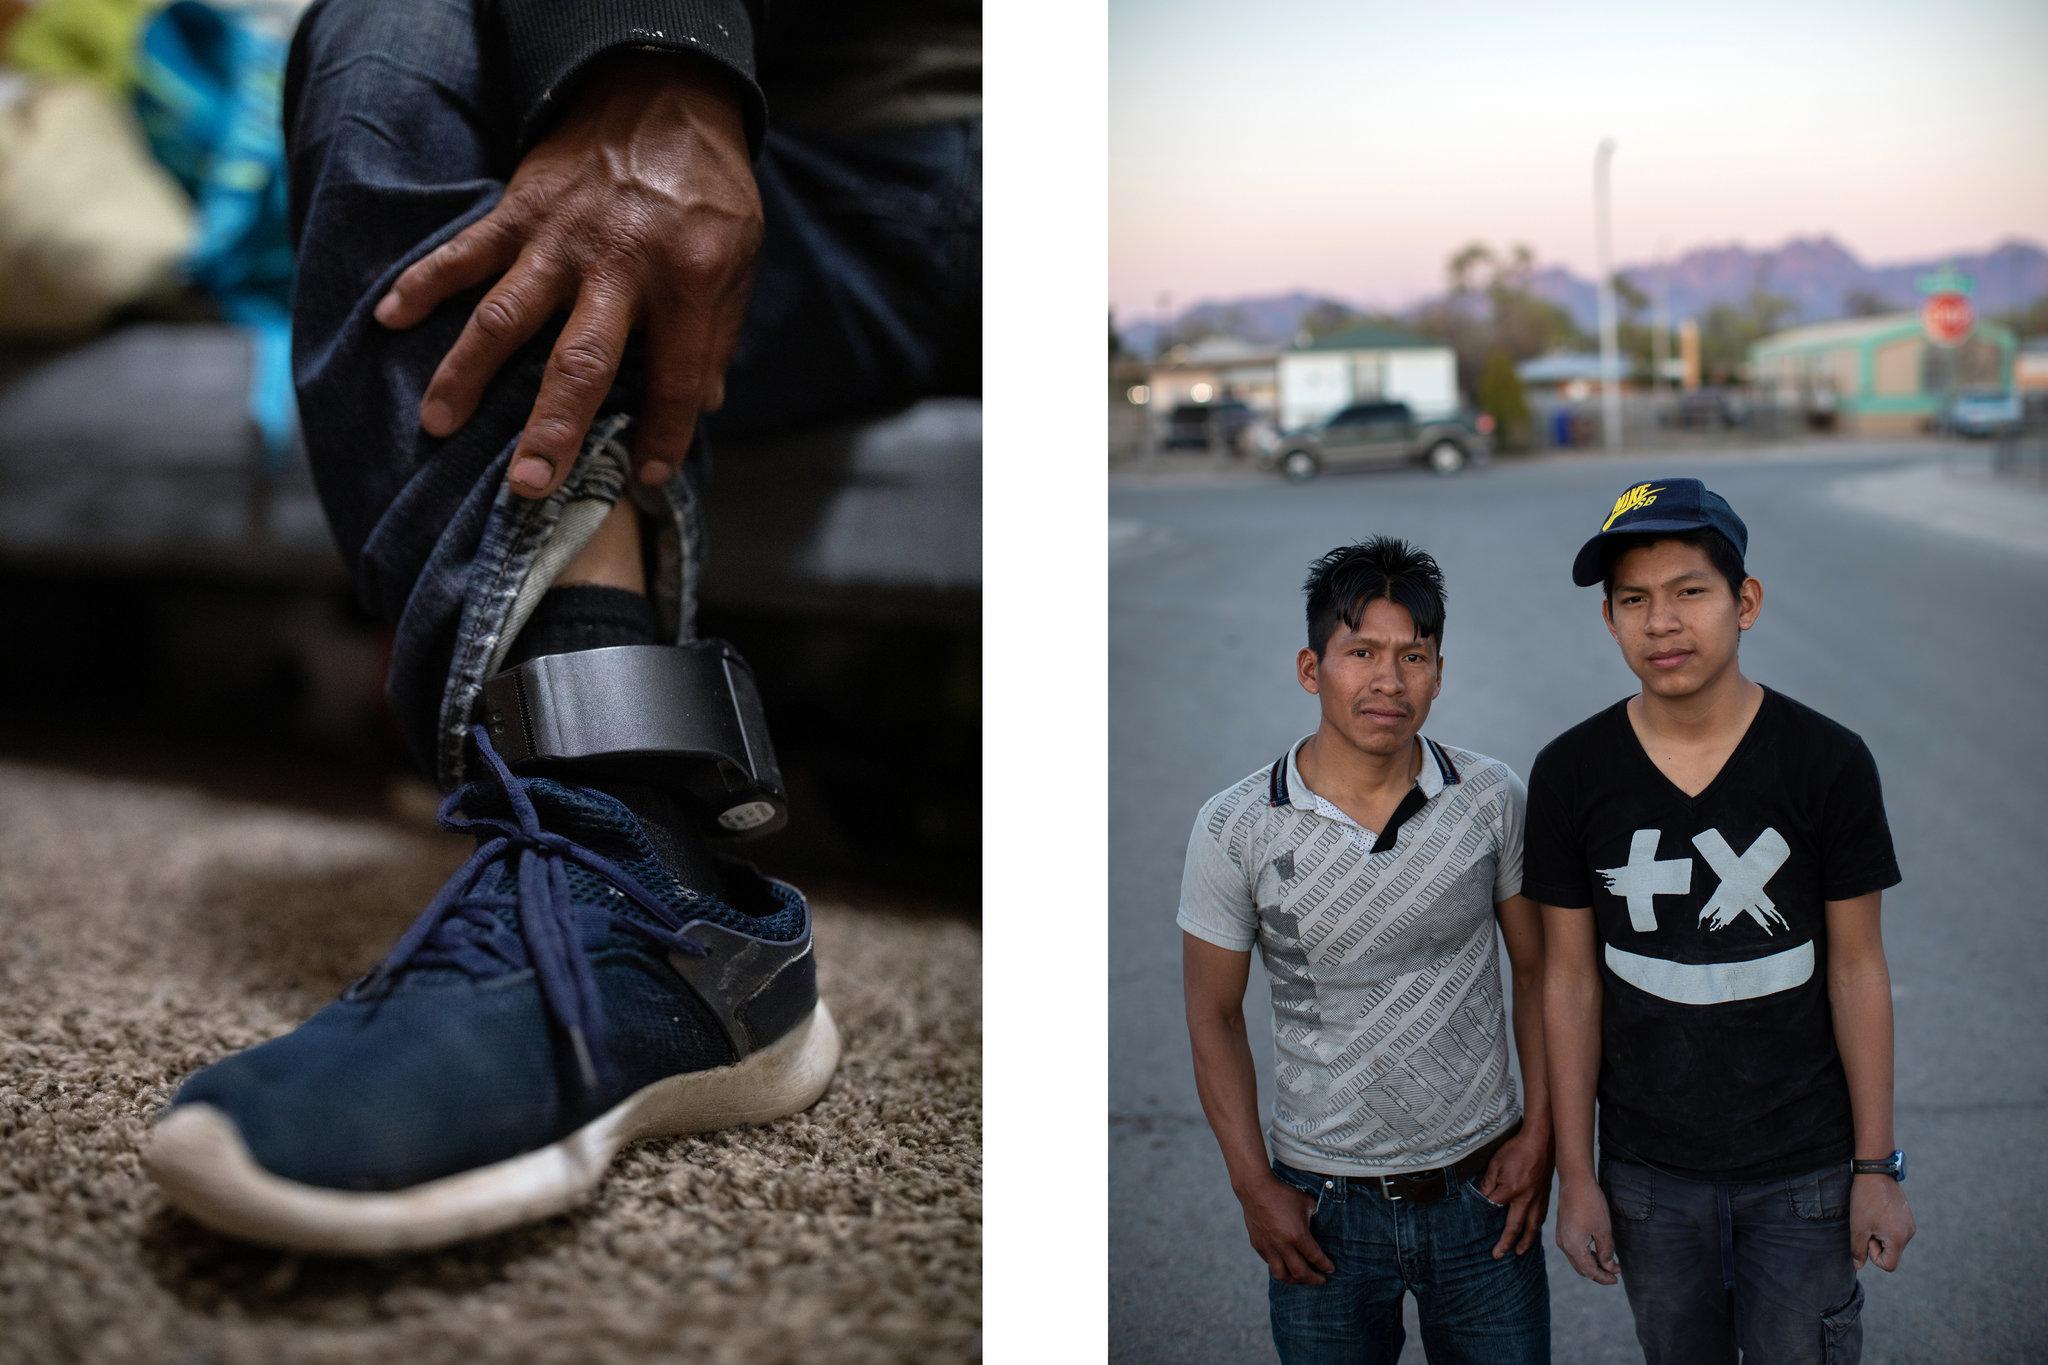 A la izquierda, el Servicio de Inmigración y Control de Aduanas estadounidense (ICE) le puso a Rigoberto Pablo un monitor electrónico. A la derecha, Rigoberto y su hijo Álex (Tamir Kalifa para The New York Times)